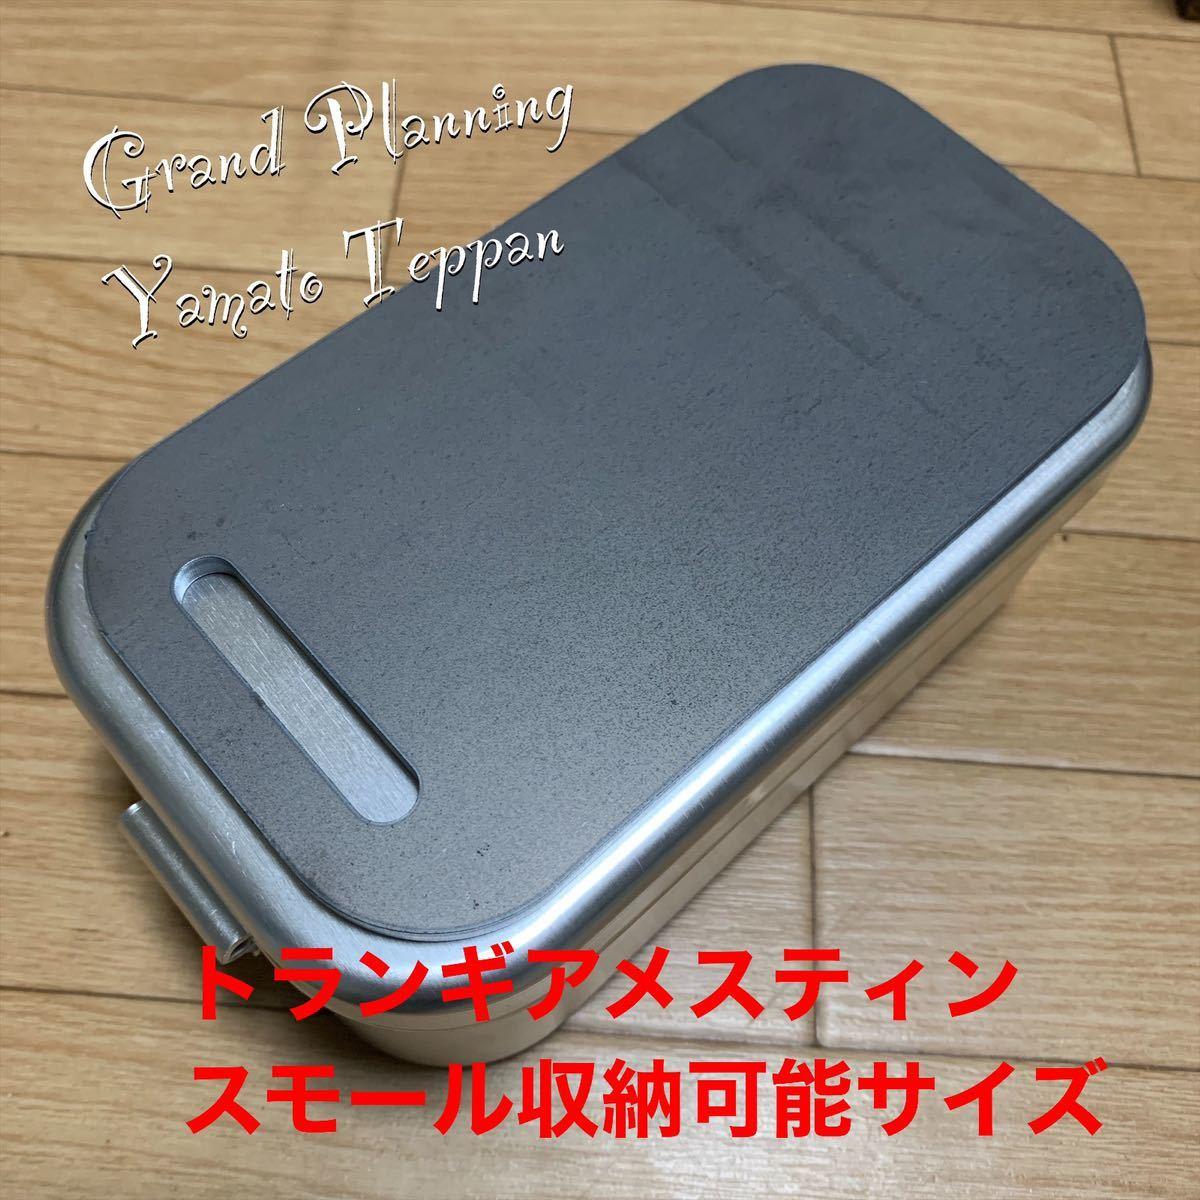 6ミリ トランギア メスティン スモール 収納サイズ 鉄板 スクレーパー 収納袋GY ソロキャンプ バイクツーリング ソロ鉄板 バーベキュー